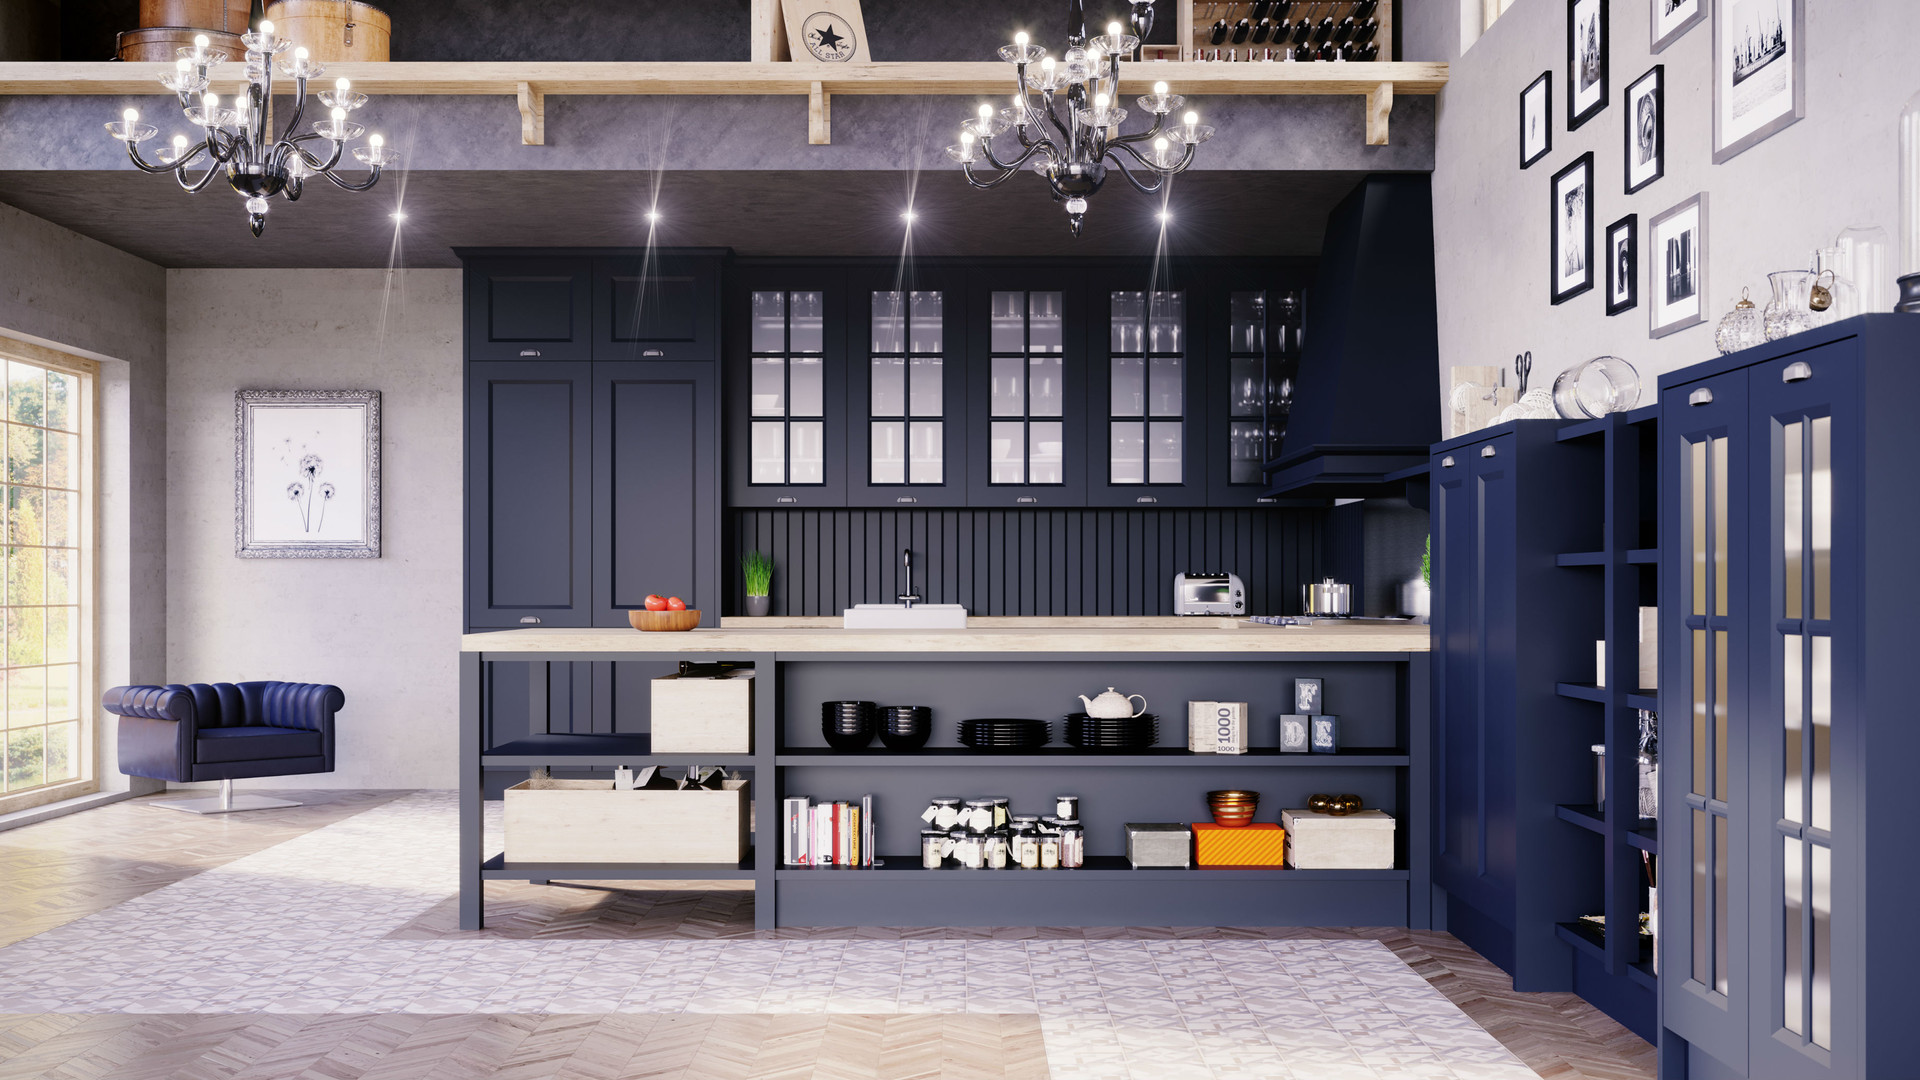 23 - Cocina Xativa Azul Oxford Vista Det